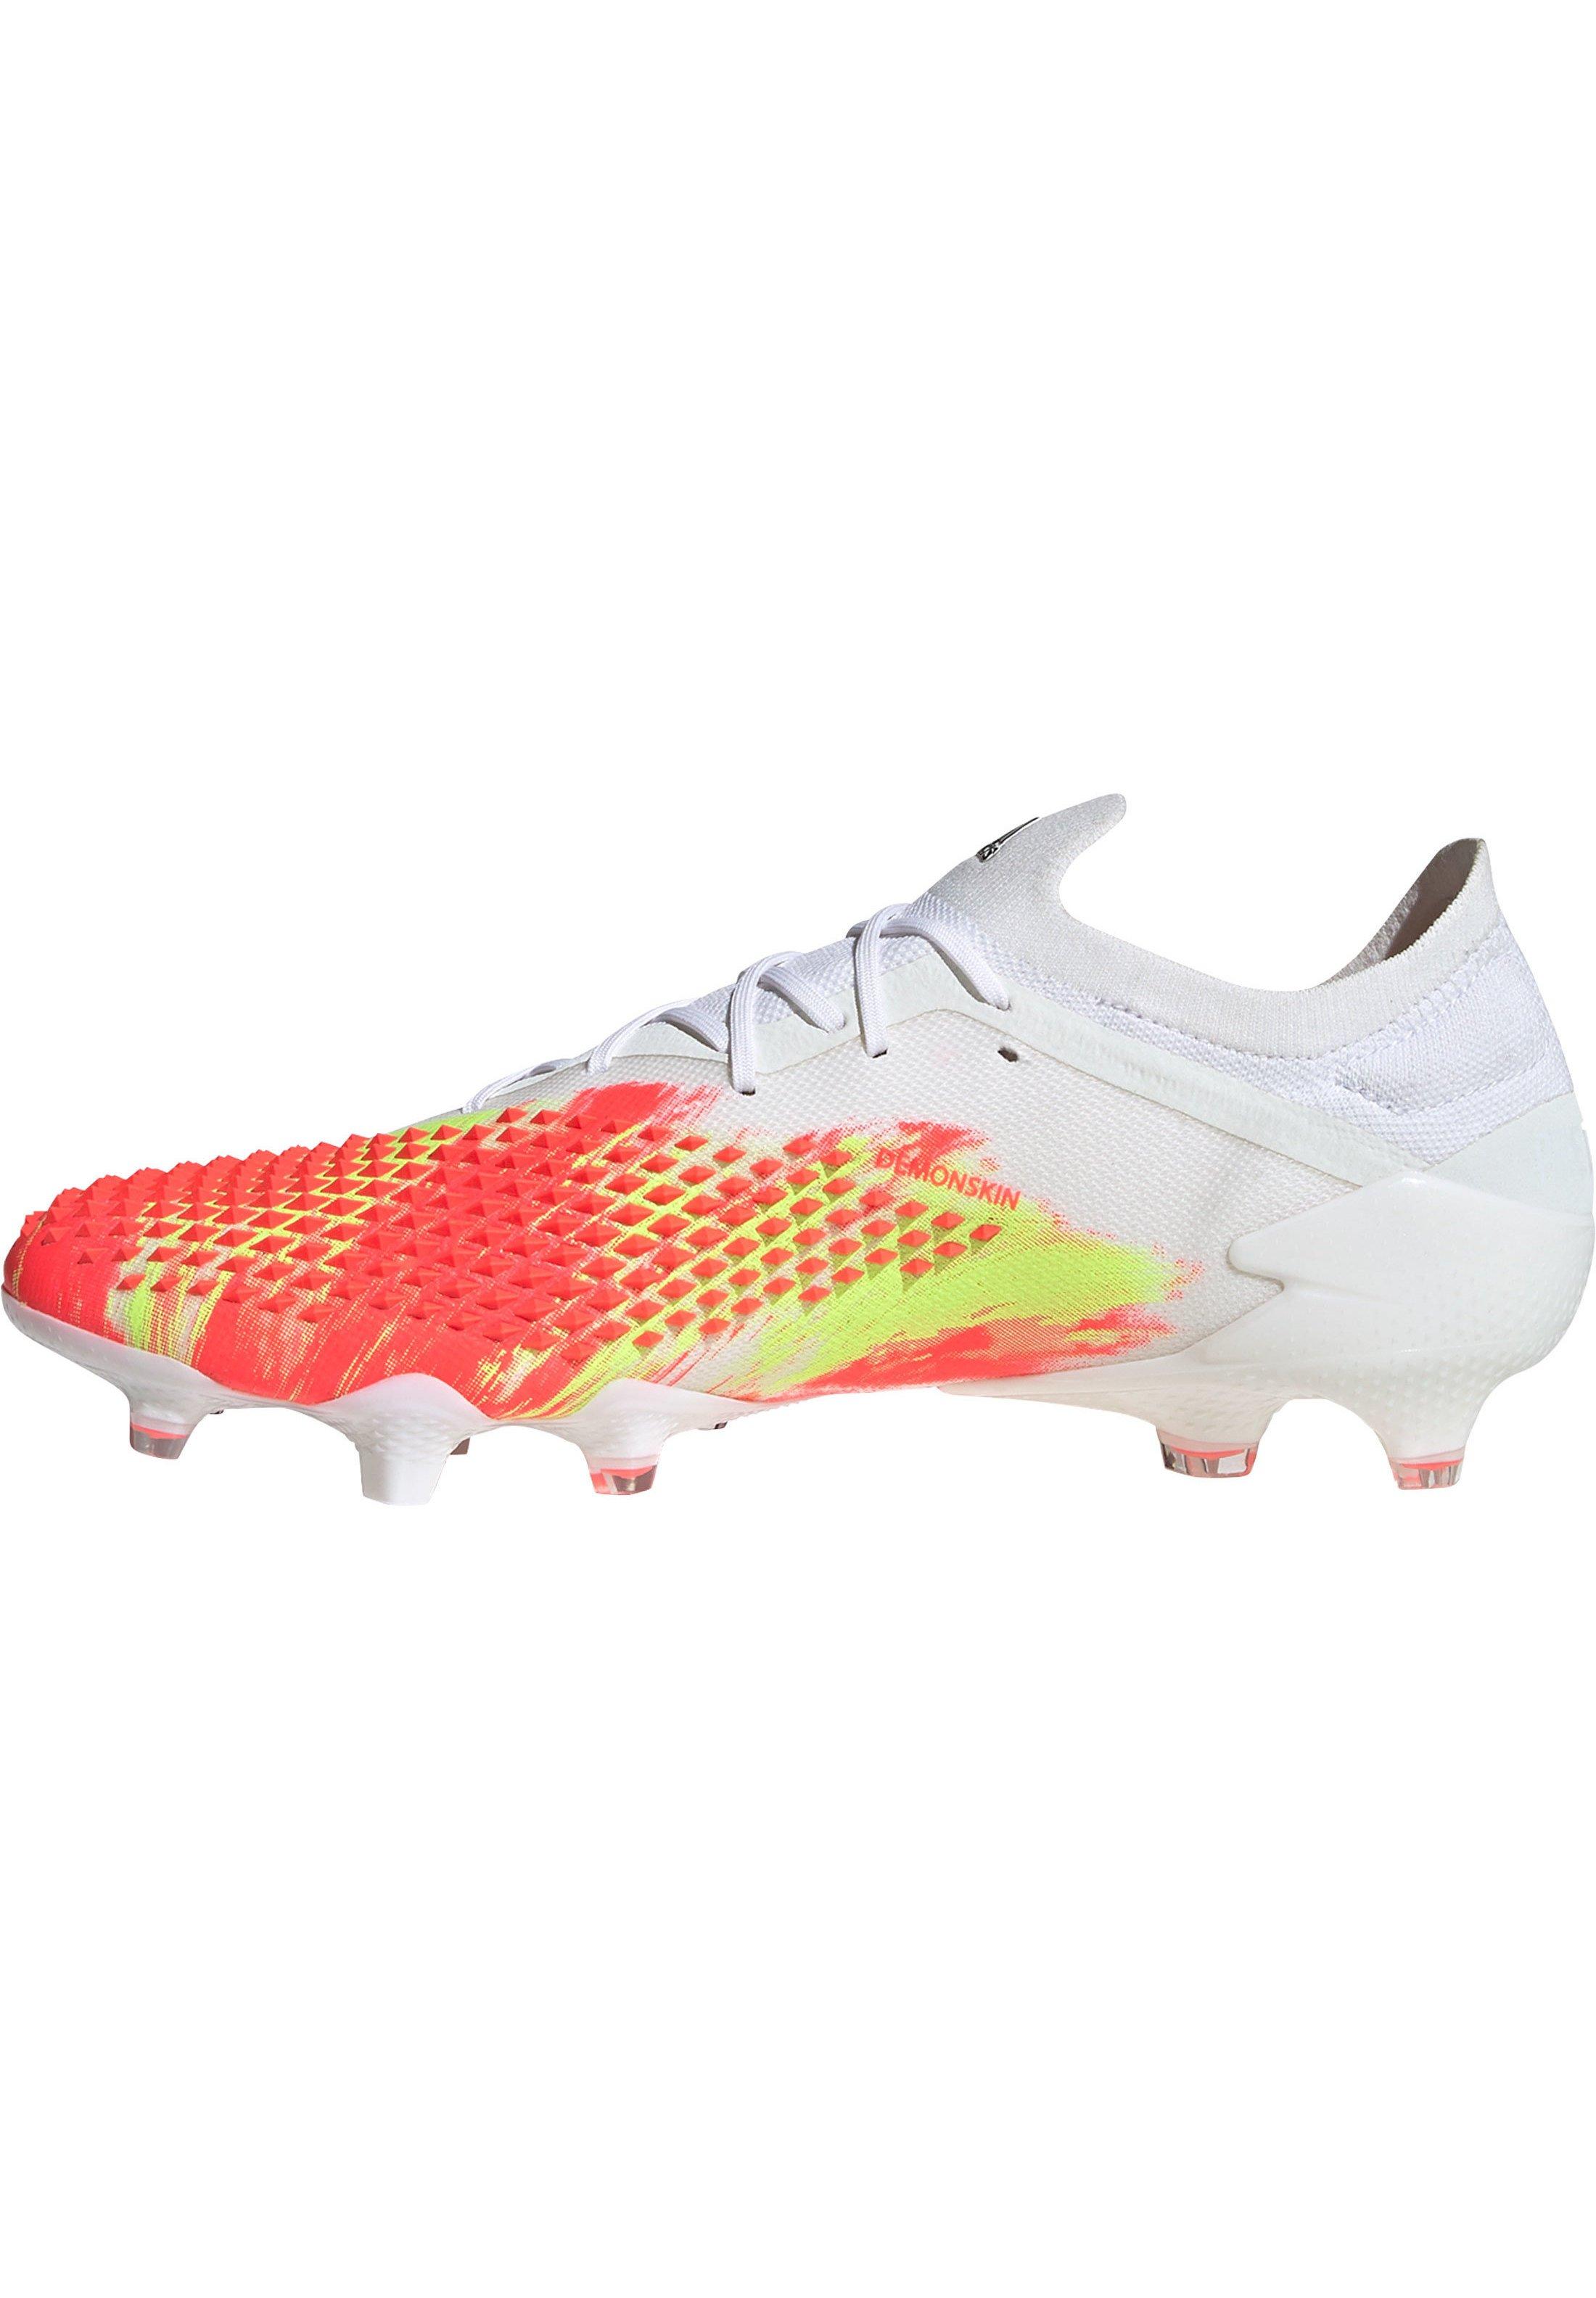 Homme PREDATOR 20.1 L FG  - Chaussures de foot à crampons